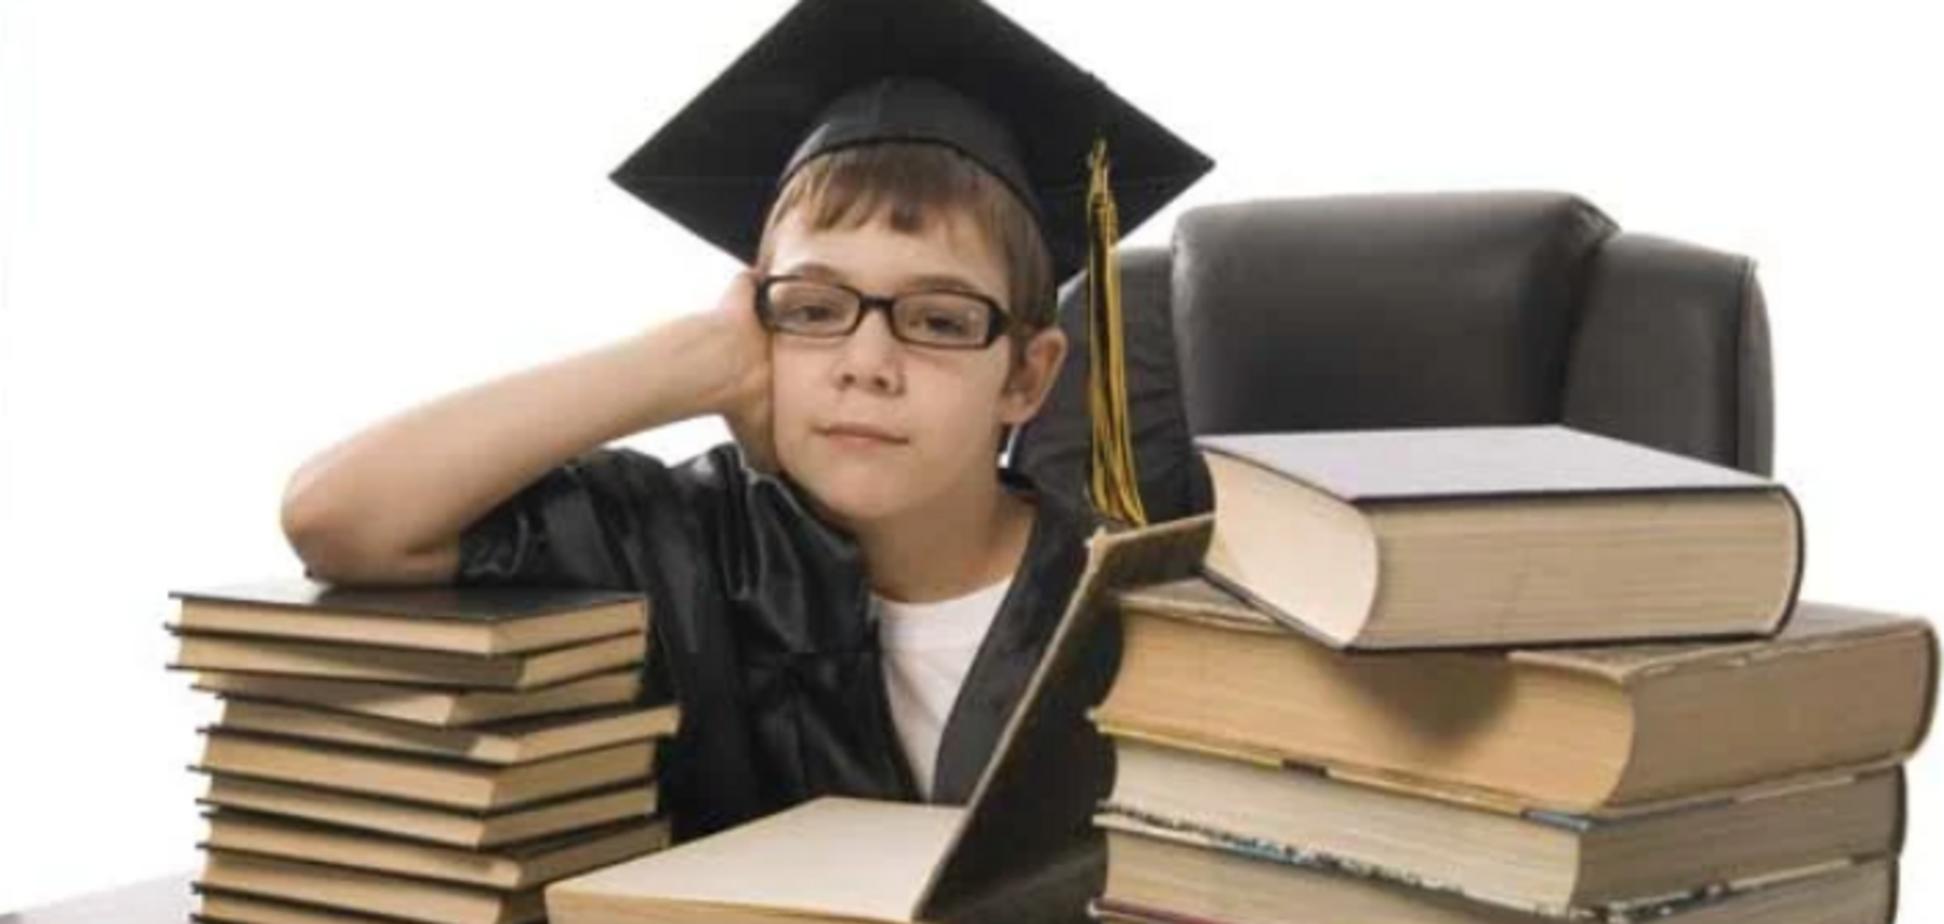 Новые смыслы: правовая грамотность и семейная жизнь